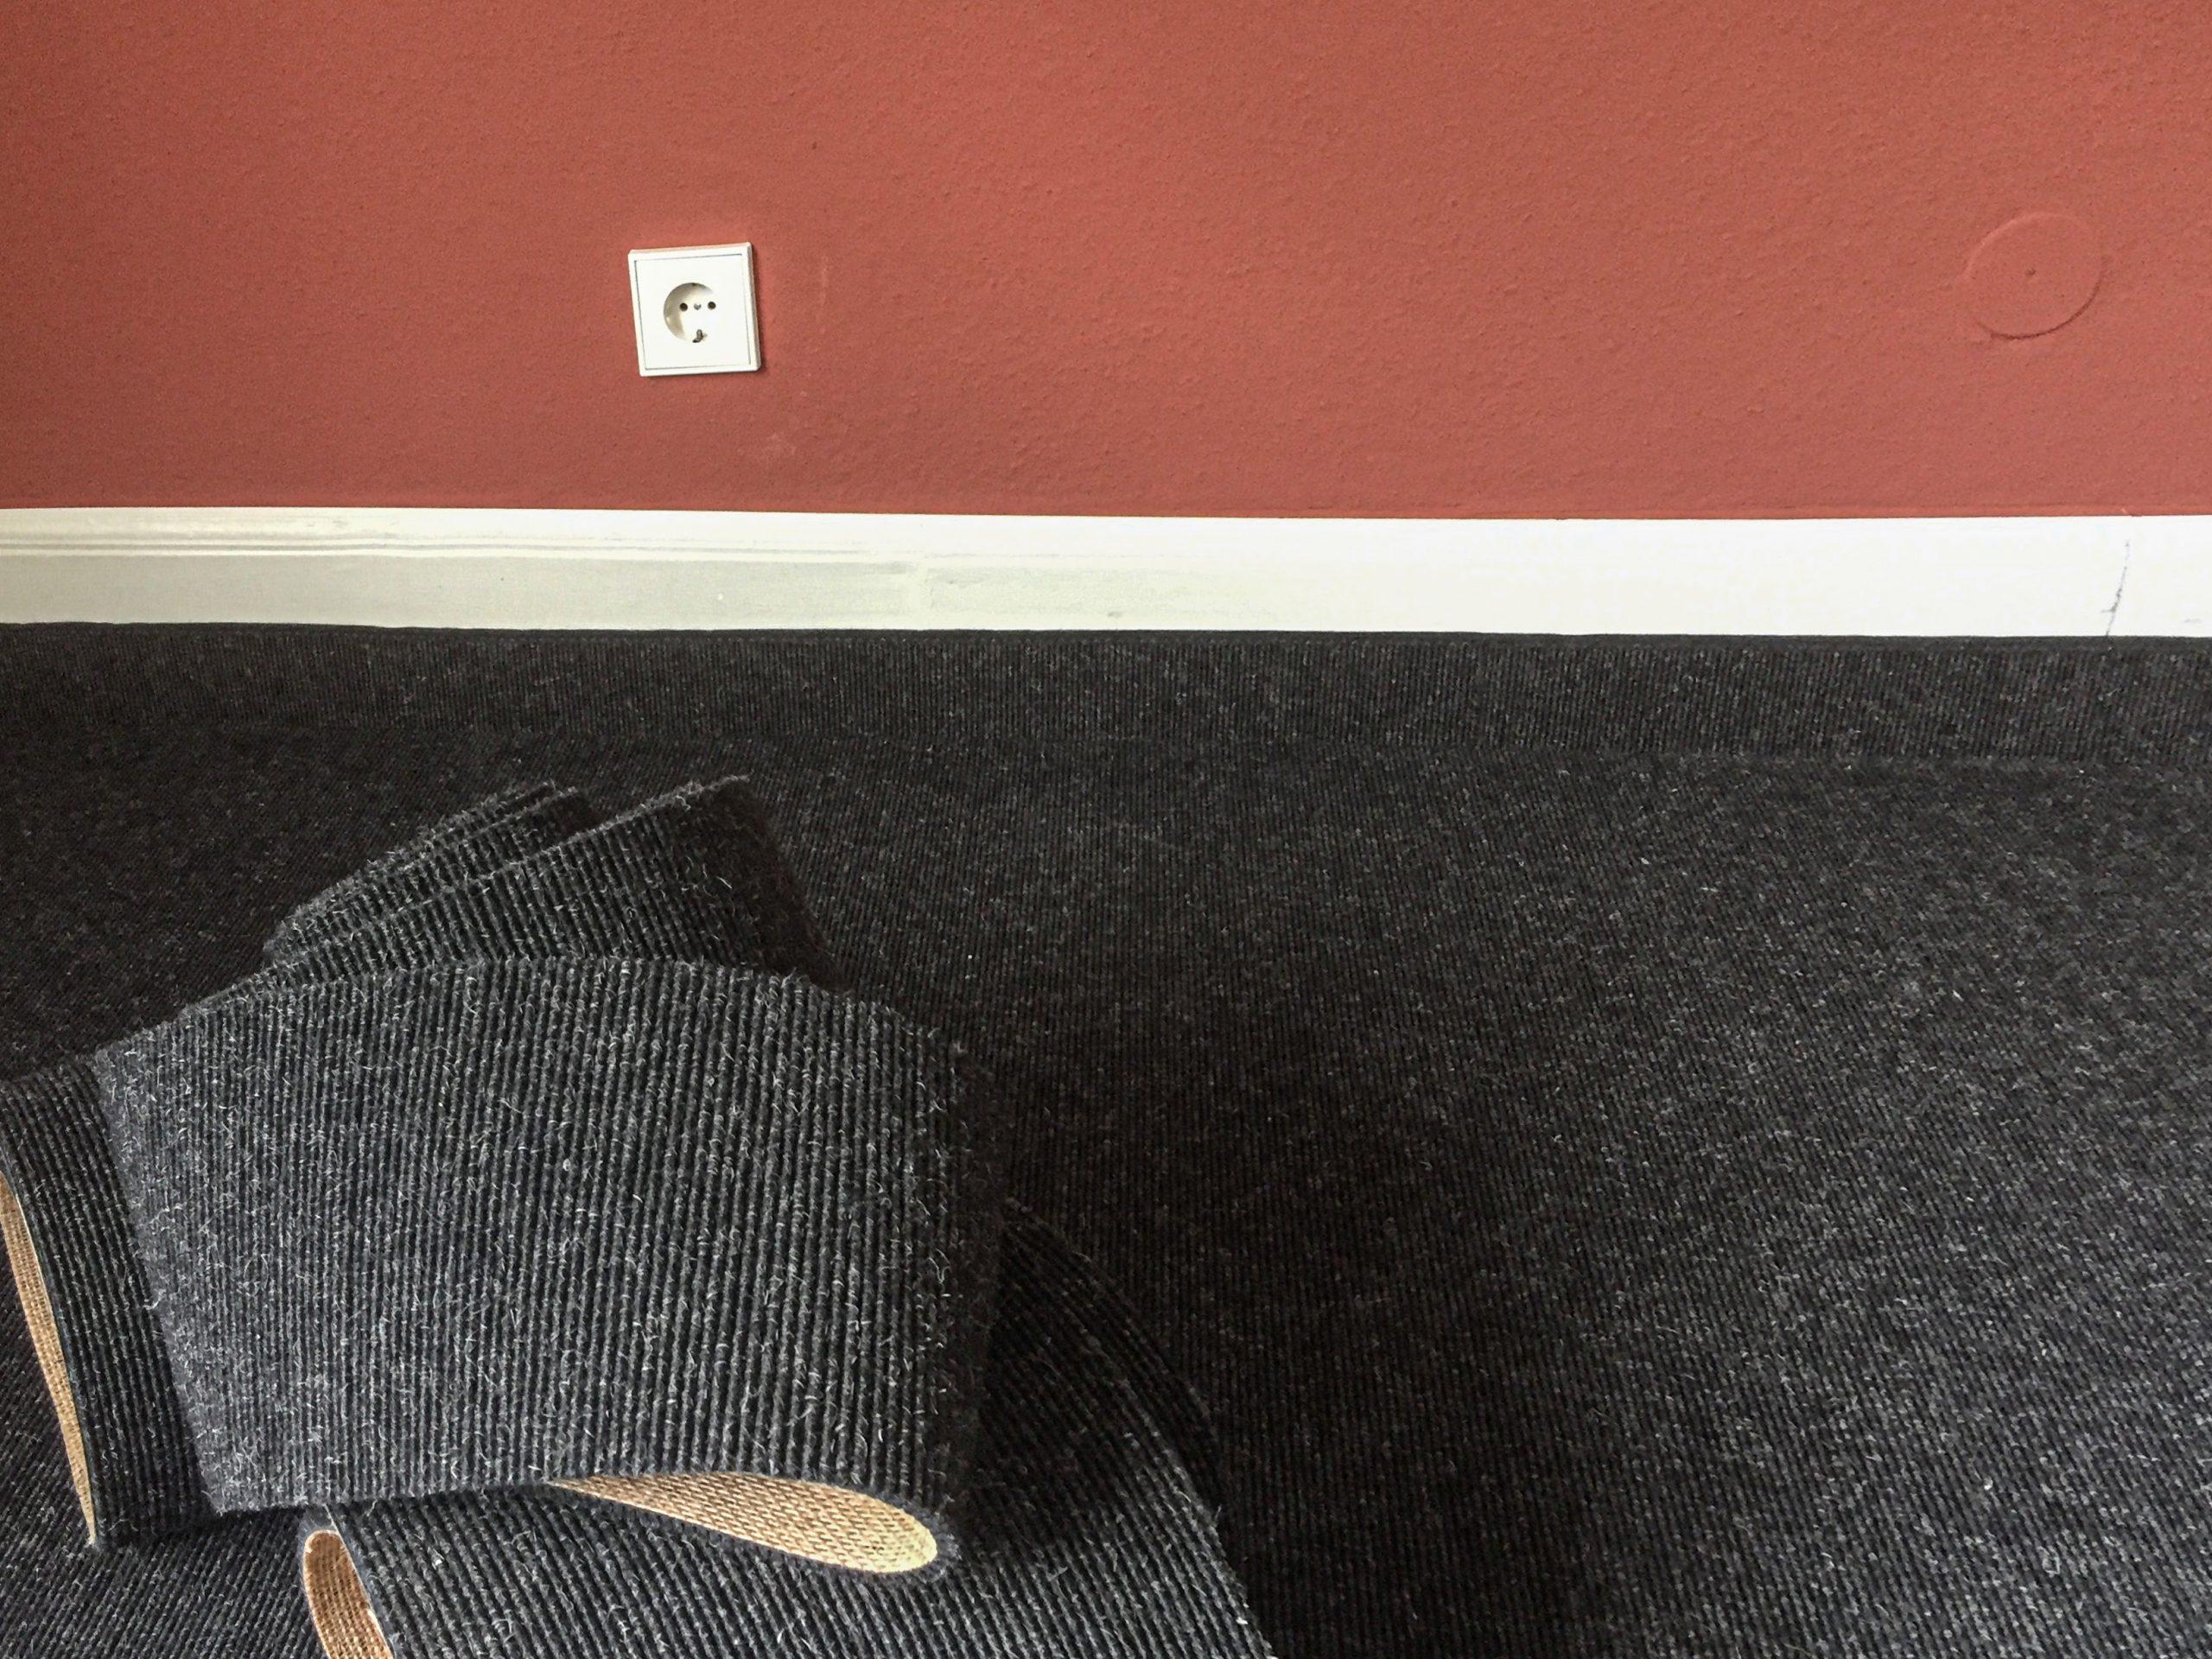 Möbel TAUSCH - einrichten